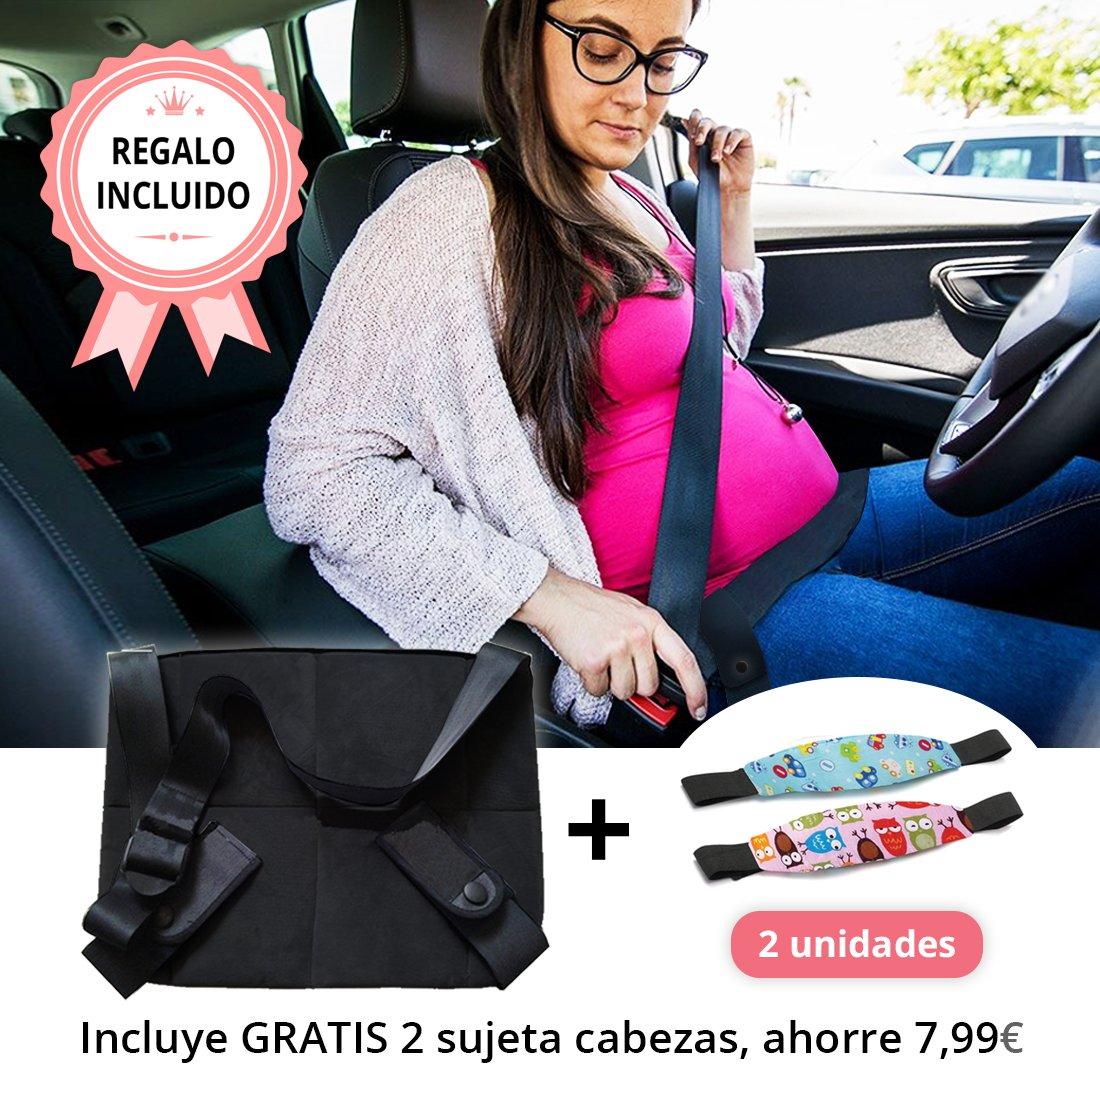 Tillmanns® Cinturon Embarazada Coche Con 2 Sujeta Cabezas De Regalo - Cinturon Embarazo - Cinturón